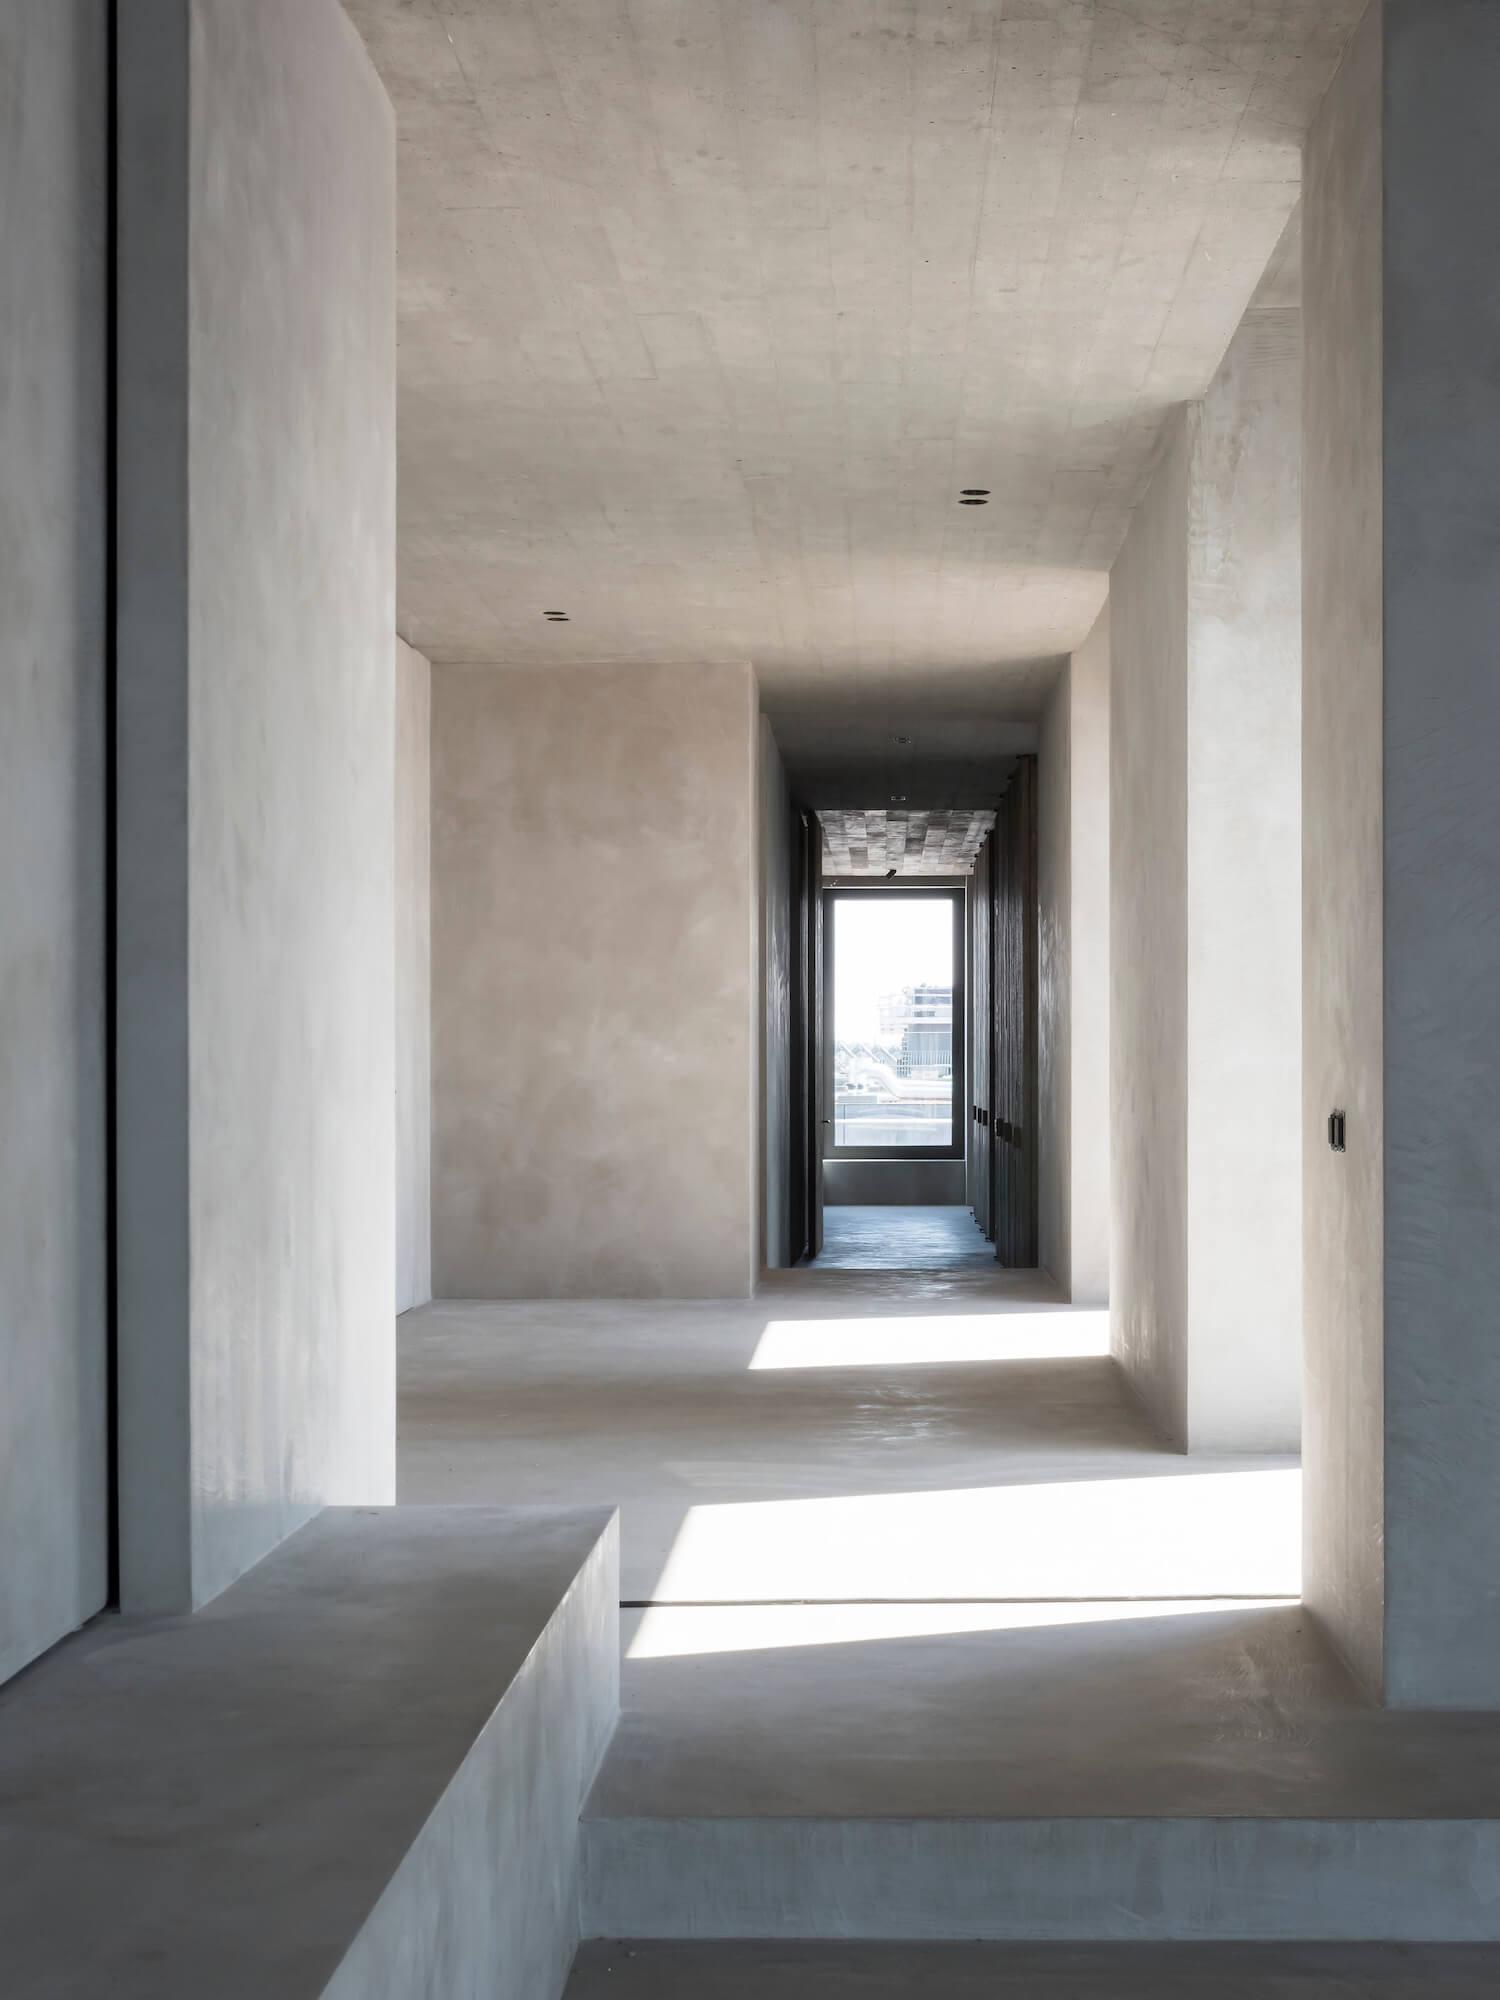 est living interview vincent van duysen c penthouse 2